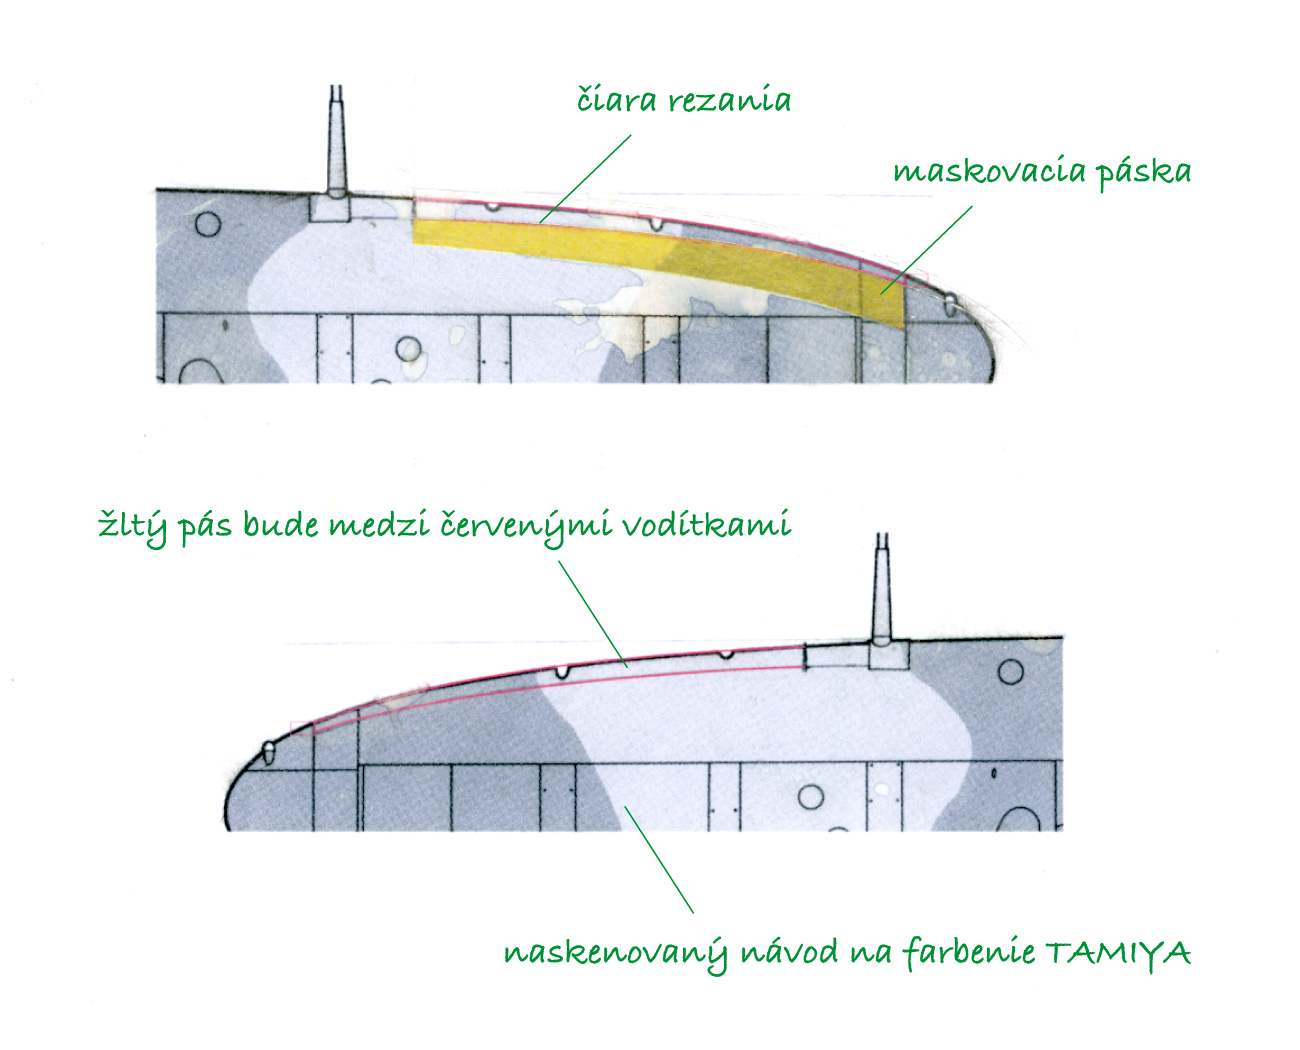 Maskovanie žltých pásov nábežných hrán krídel